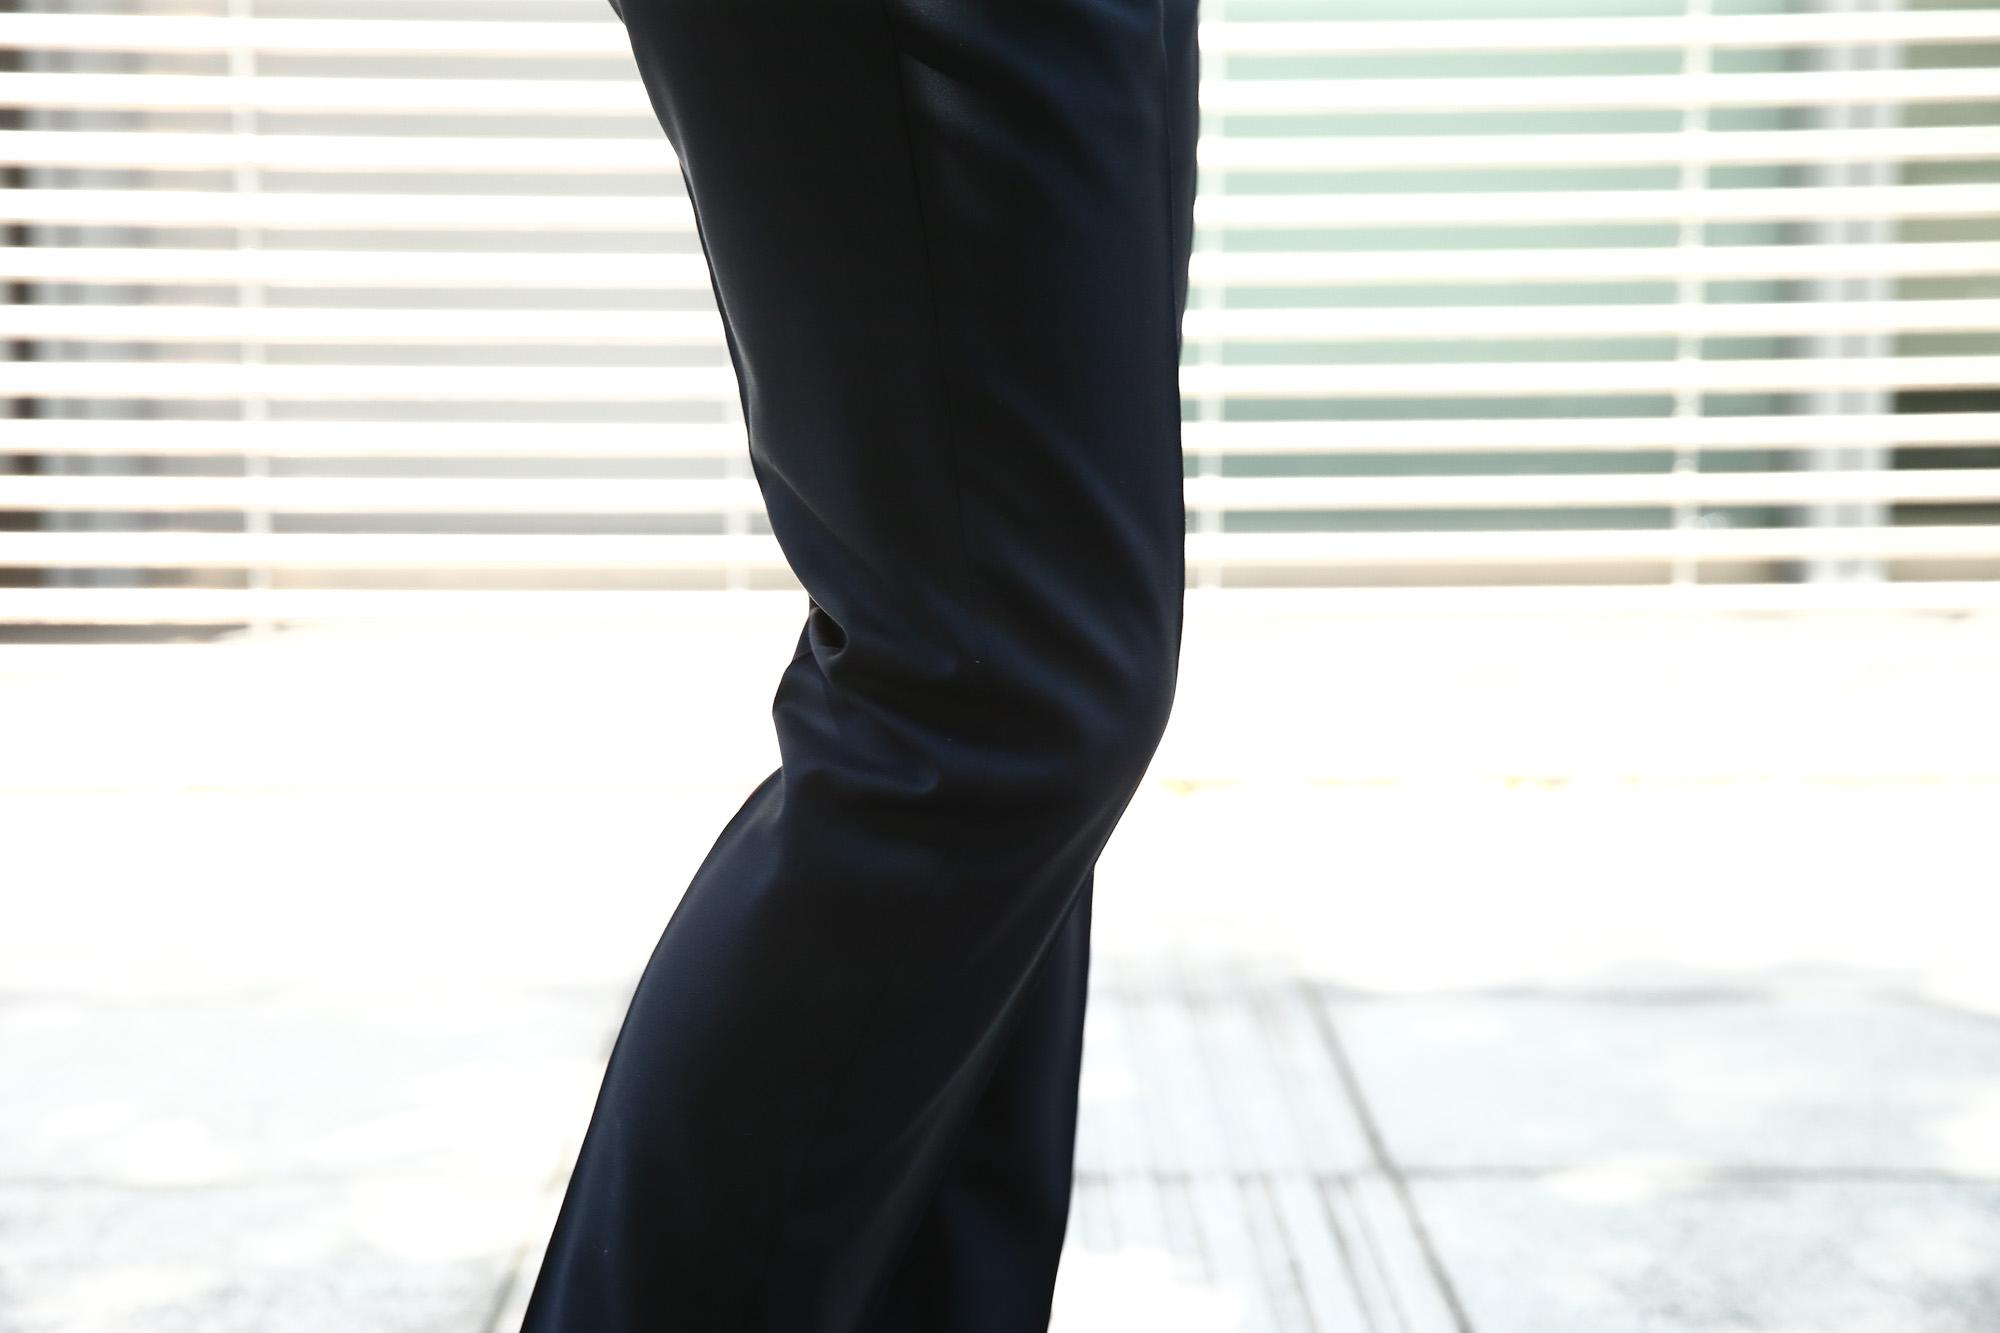 ISAIA (イザイア) 【GREGORY / グレゴリー】 AQUA SPIDER (アクア スパイダー) 撥水 ストレッチ サマーウール 段返り3B スーツ NAVY (ネイビー・800) Made in italy (イタリア製) 2018 春夏新作 isaia イザイア 愛知 名古屋 ZODIAC ゾディアック スーツ ジャケット 42,44,46,48,50,52,54